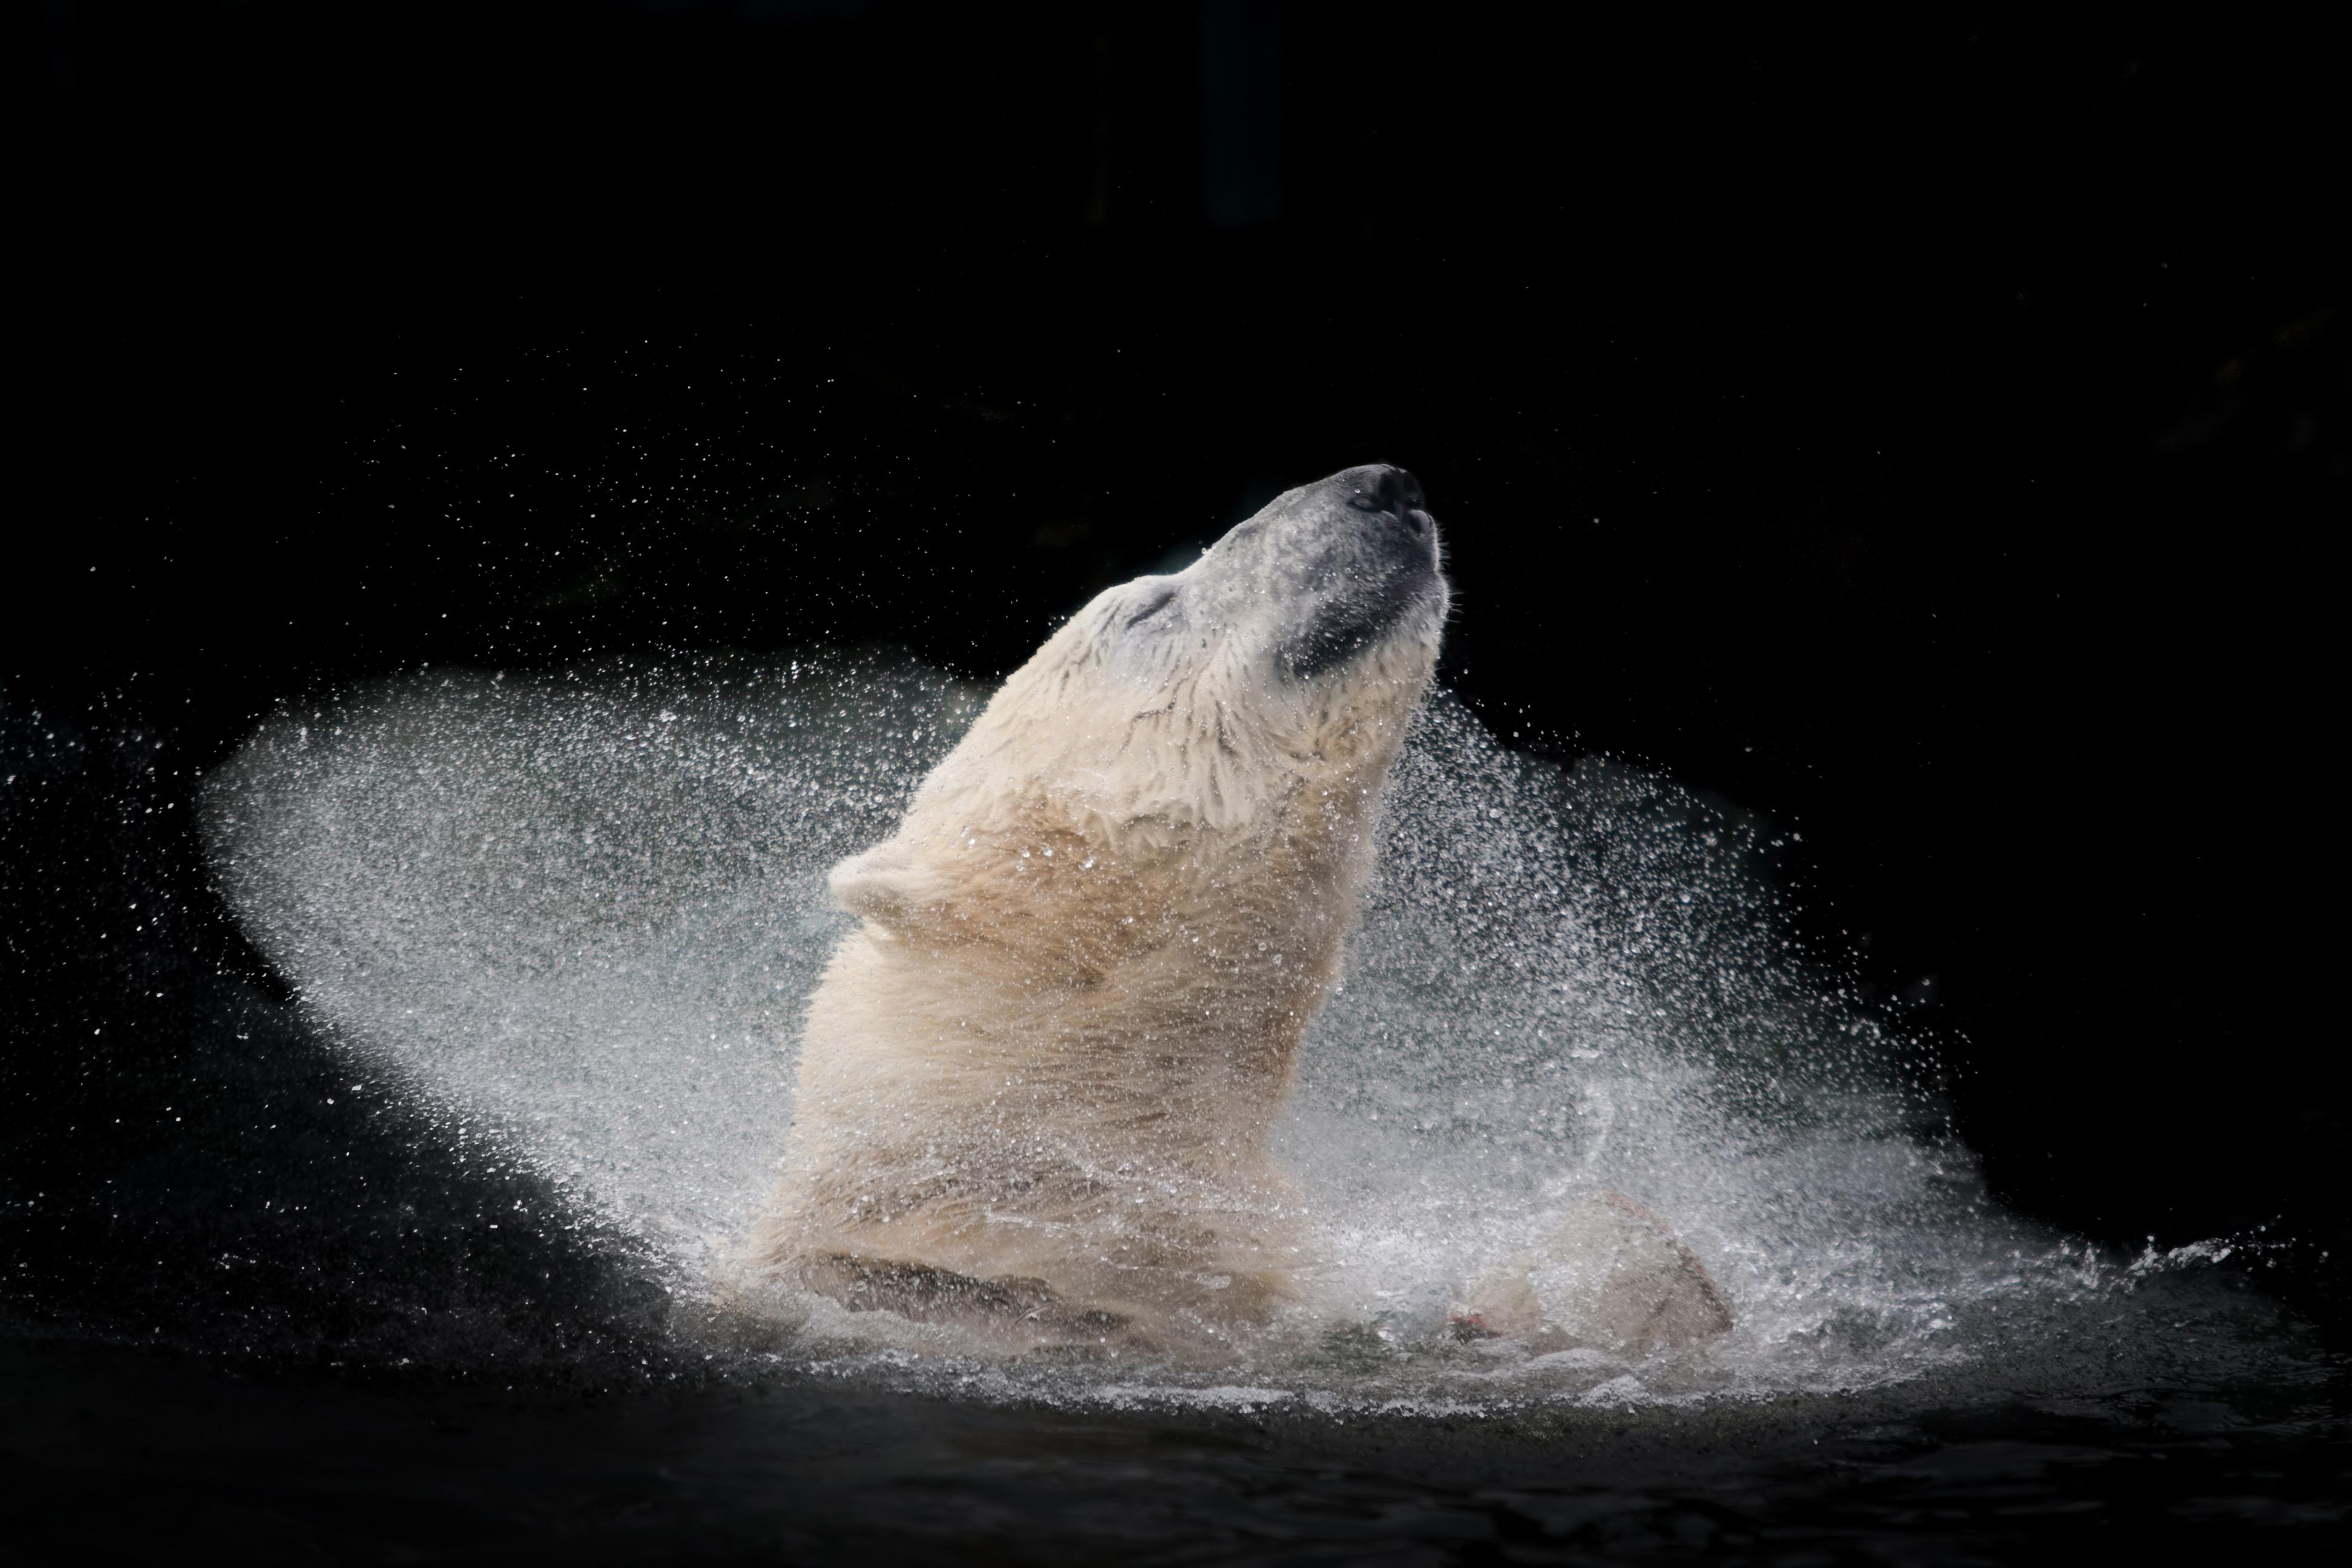 ©Michaela Šmídová, Czech Republic, Winner, Open Competition, Nature and Wildlife, 2016 Sony World Photography Awards